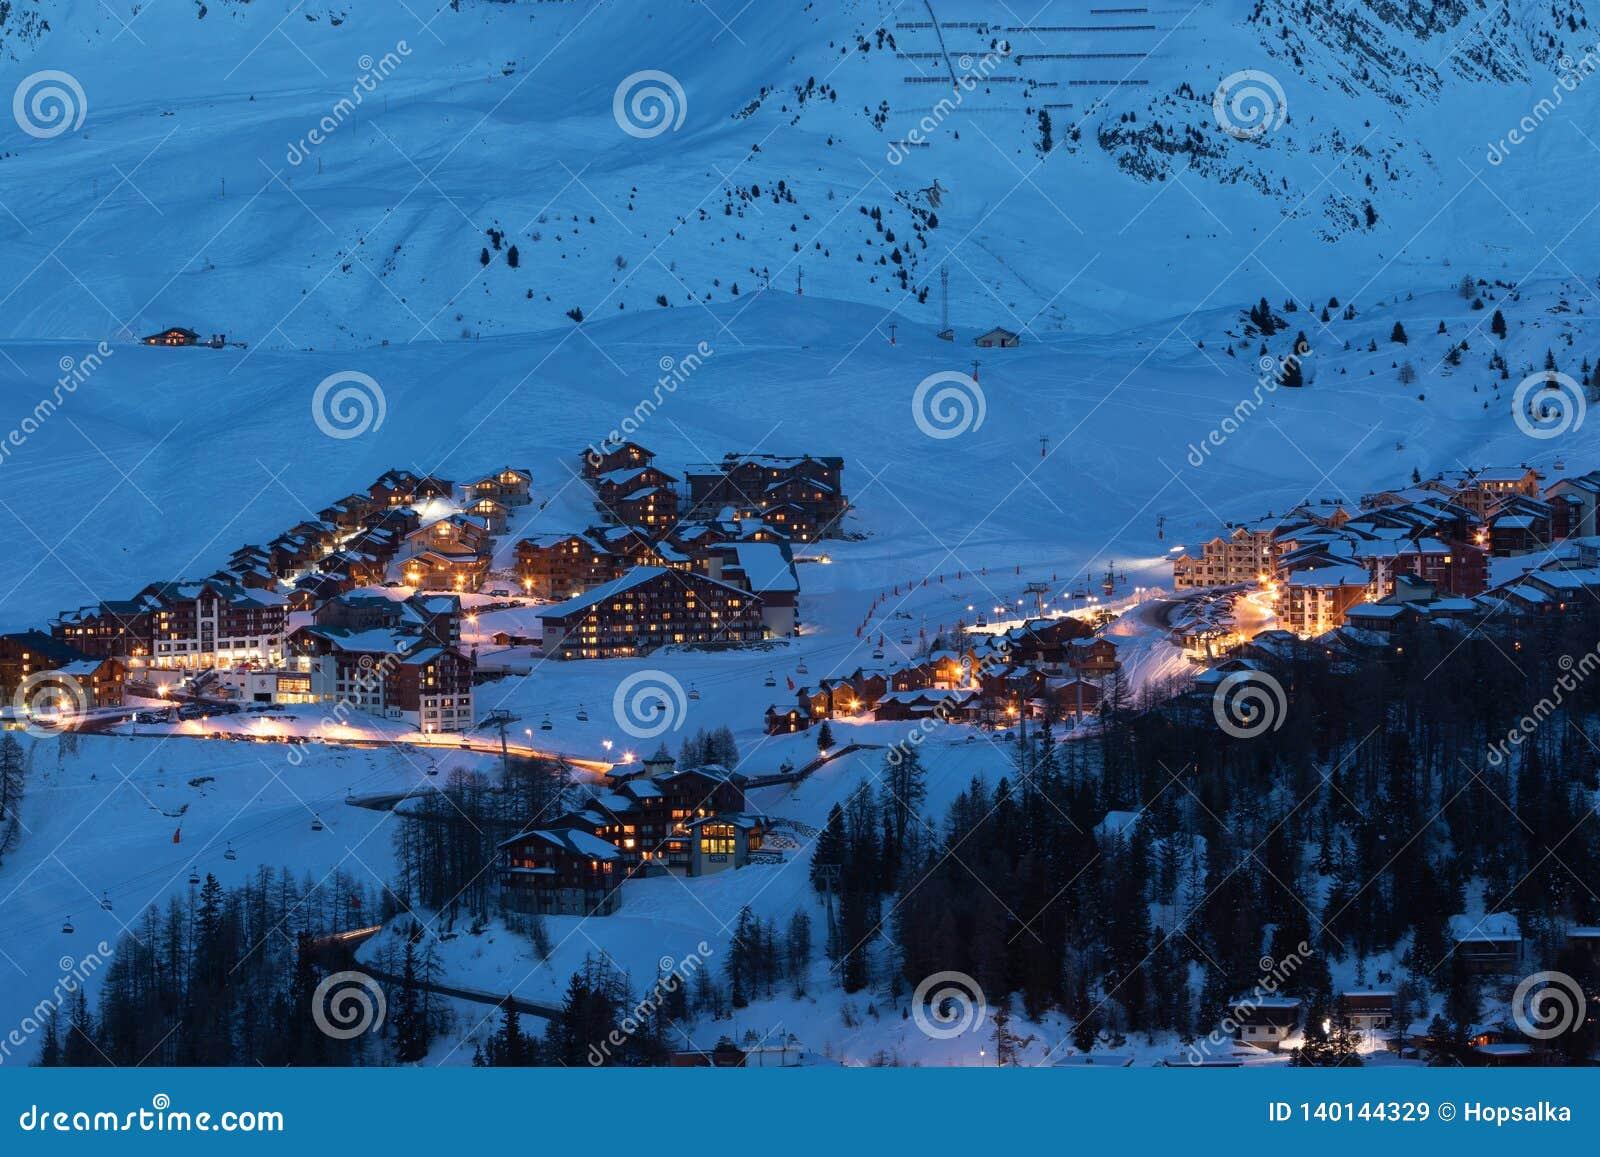 Взгляд лыжных курортов большой возвышенности во французской савойя Альп в сумерках: Центр Plagne, Plagne Soleil и деревня Plagne